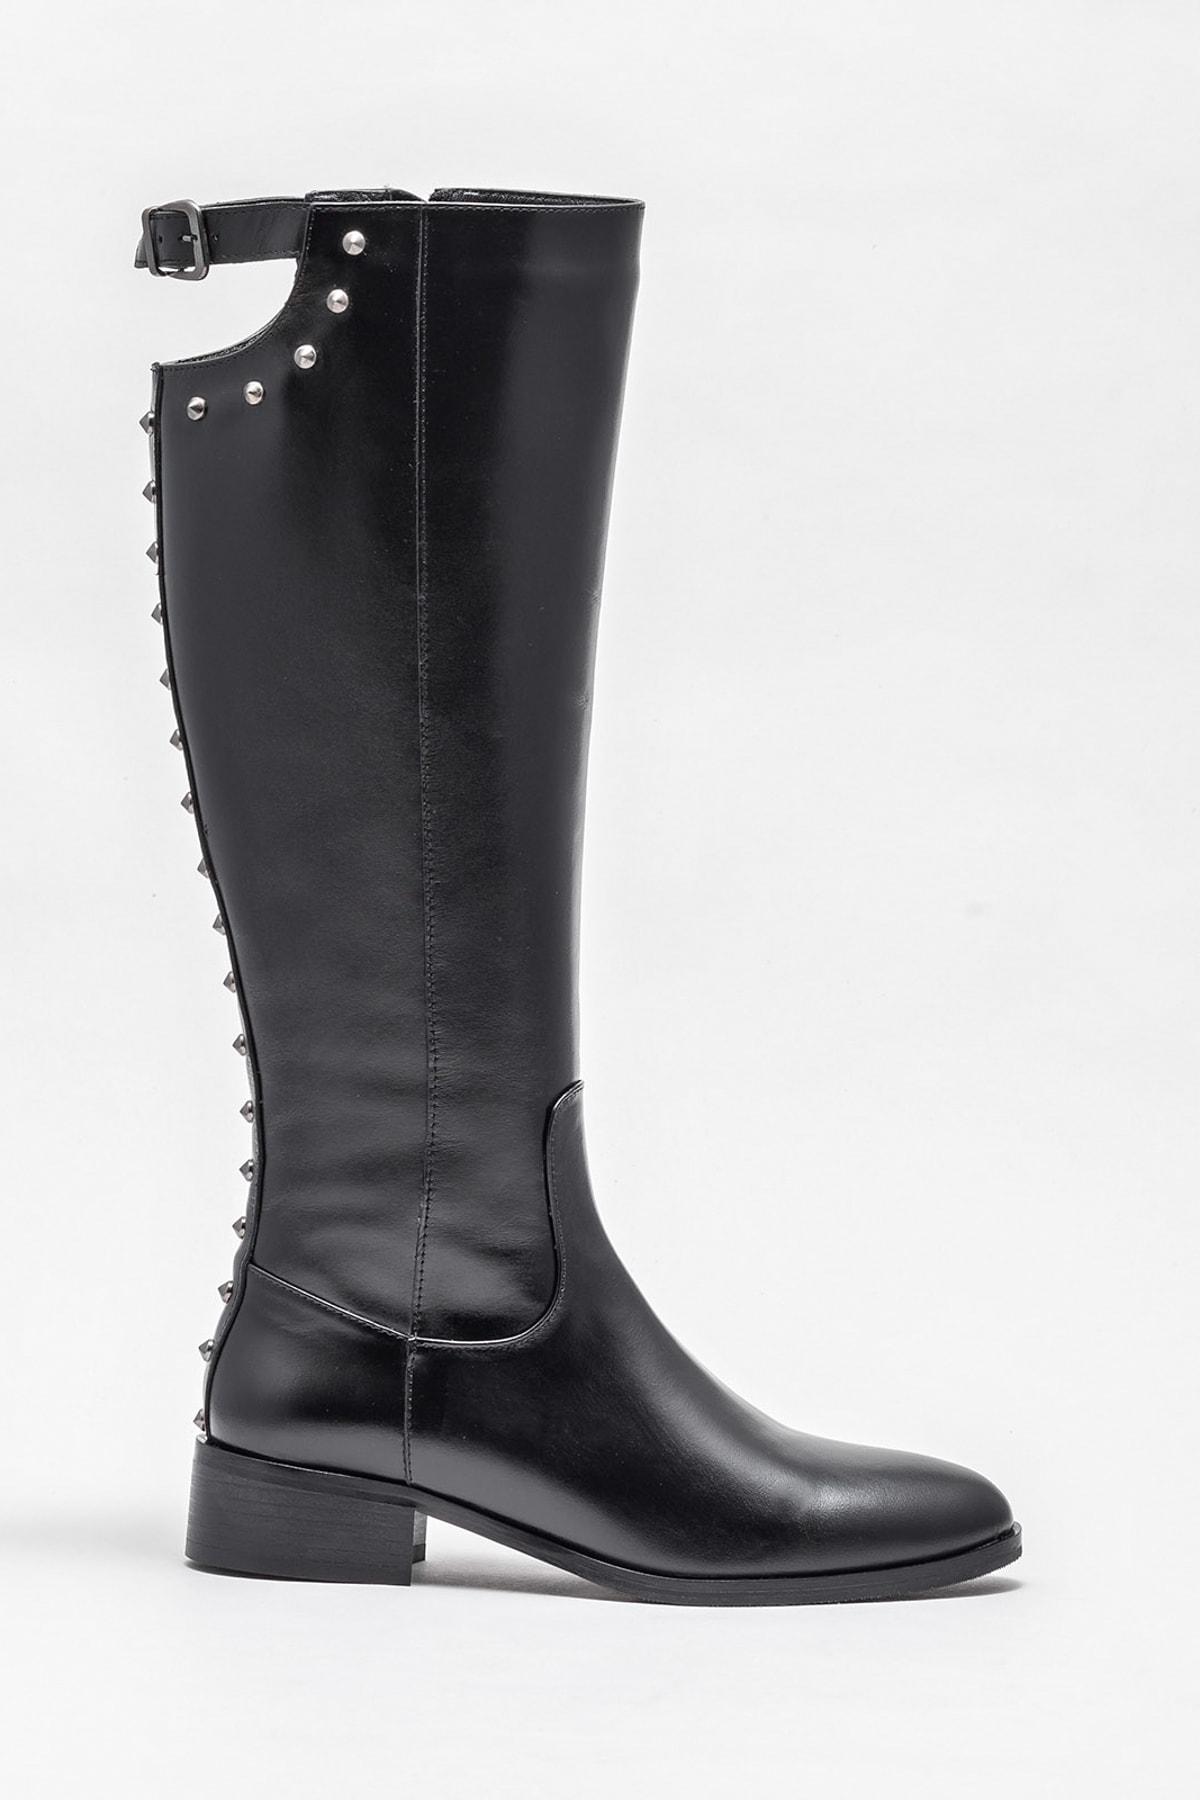 Elle Shoes Kadın Branca Sıyah Çizme 20K007 1